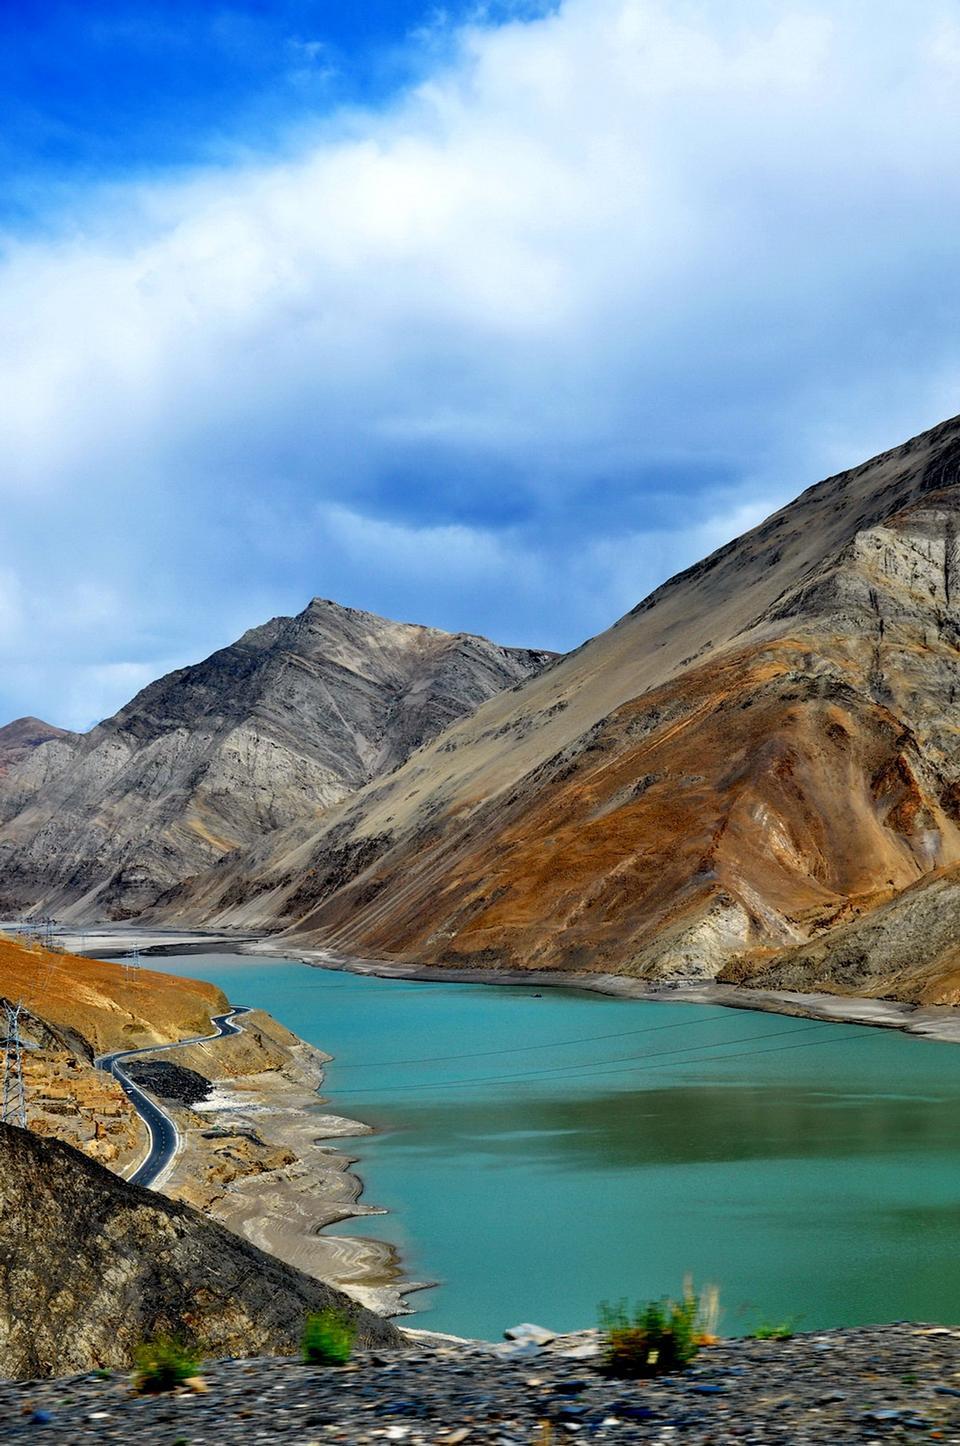 Yamdrok-TSOの湖がチベットで晴れた青空の日に輝く